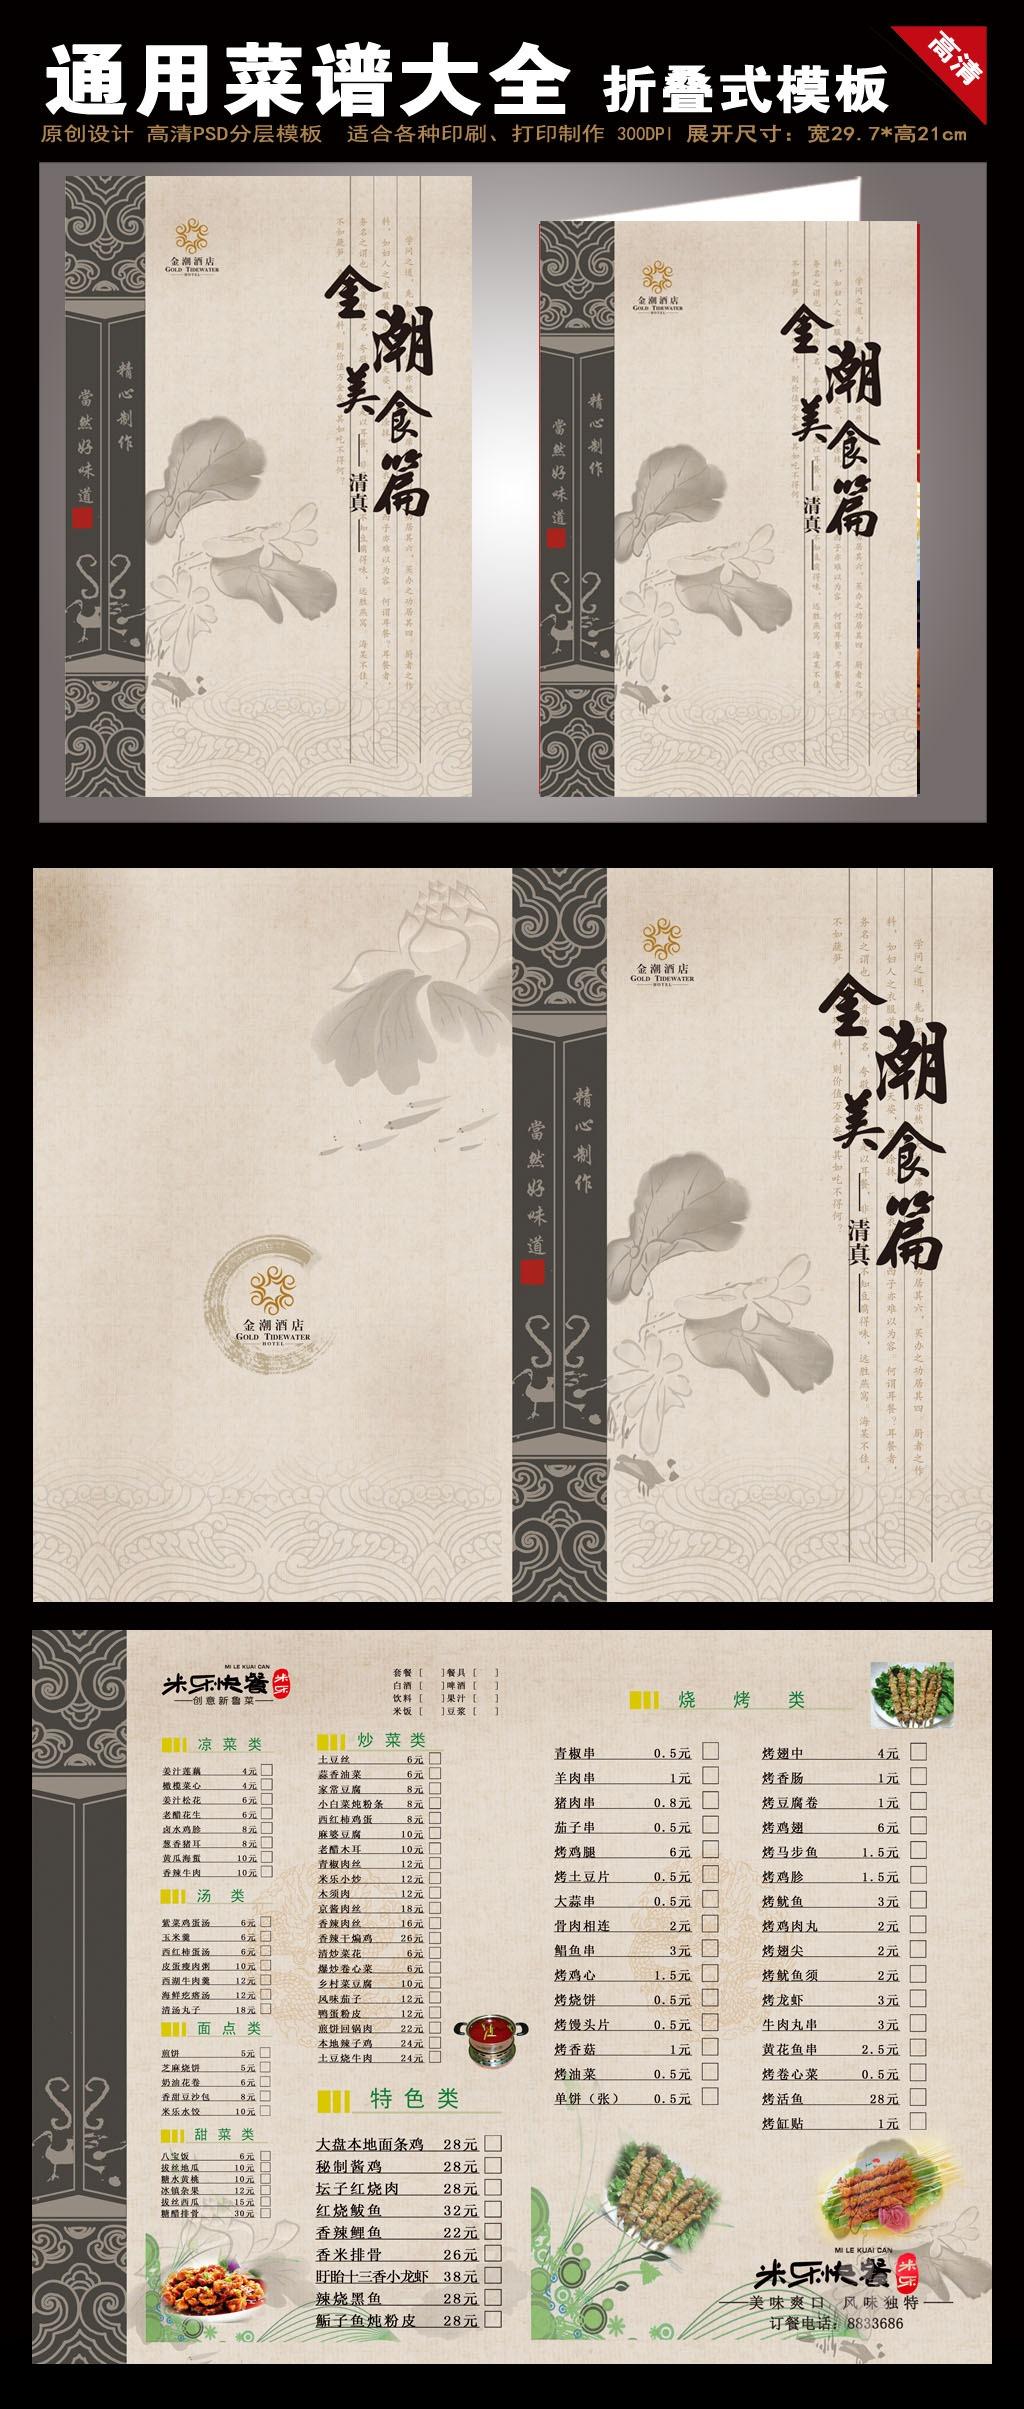 中国风高档菜谱设计模板